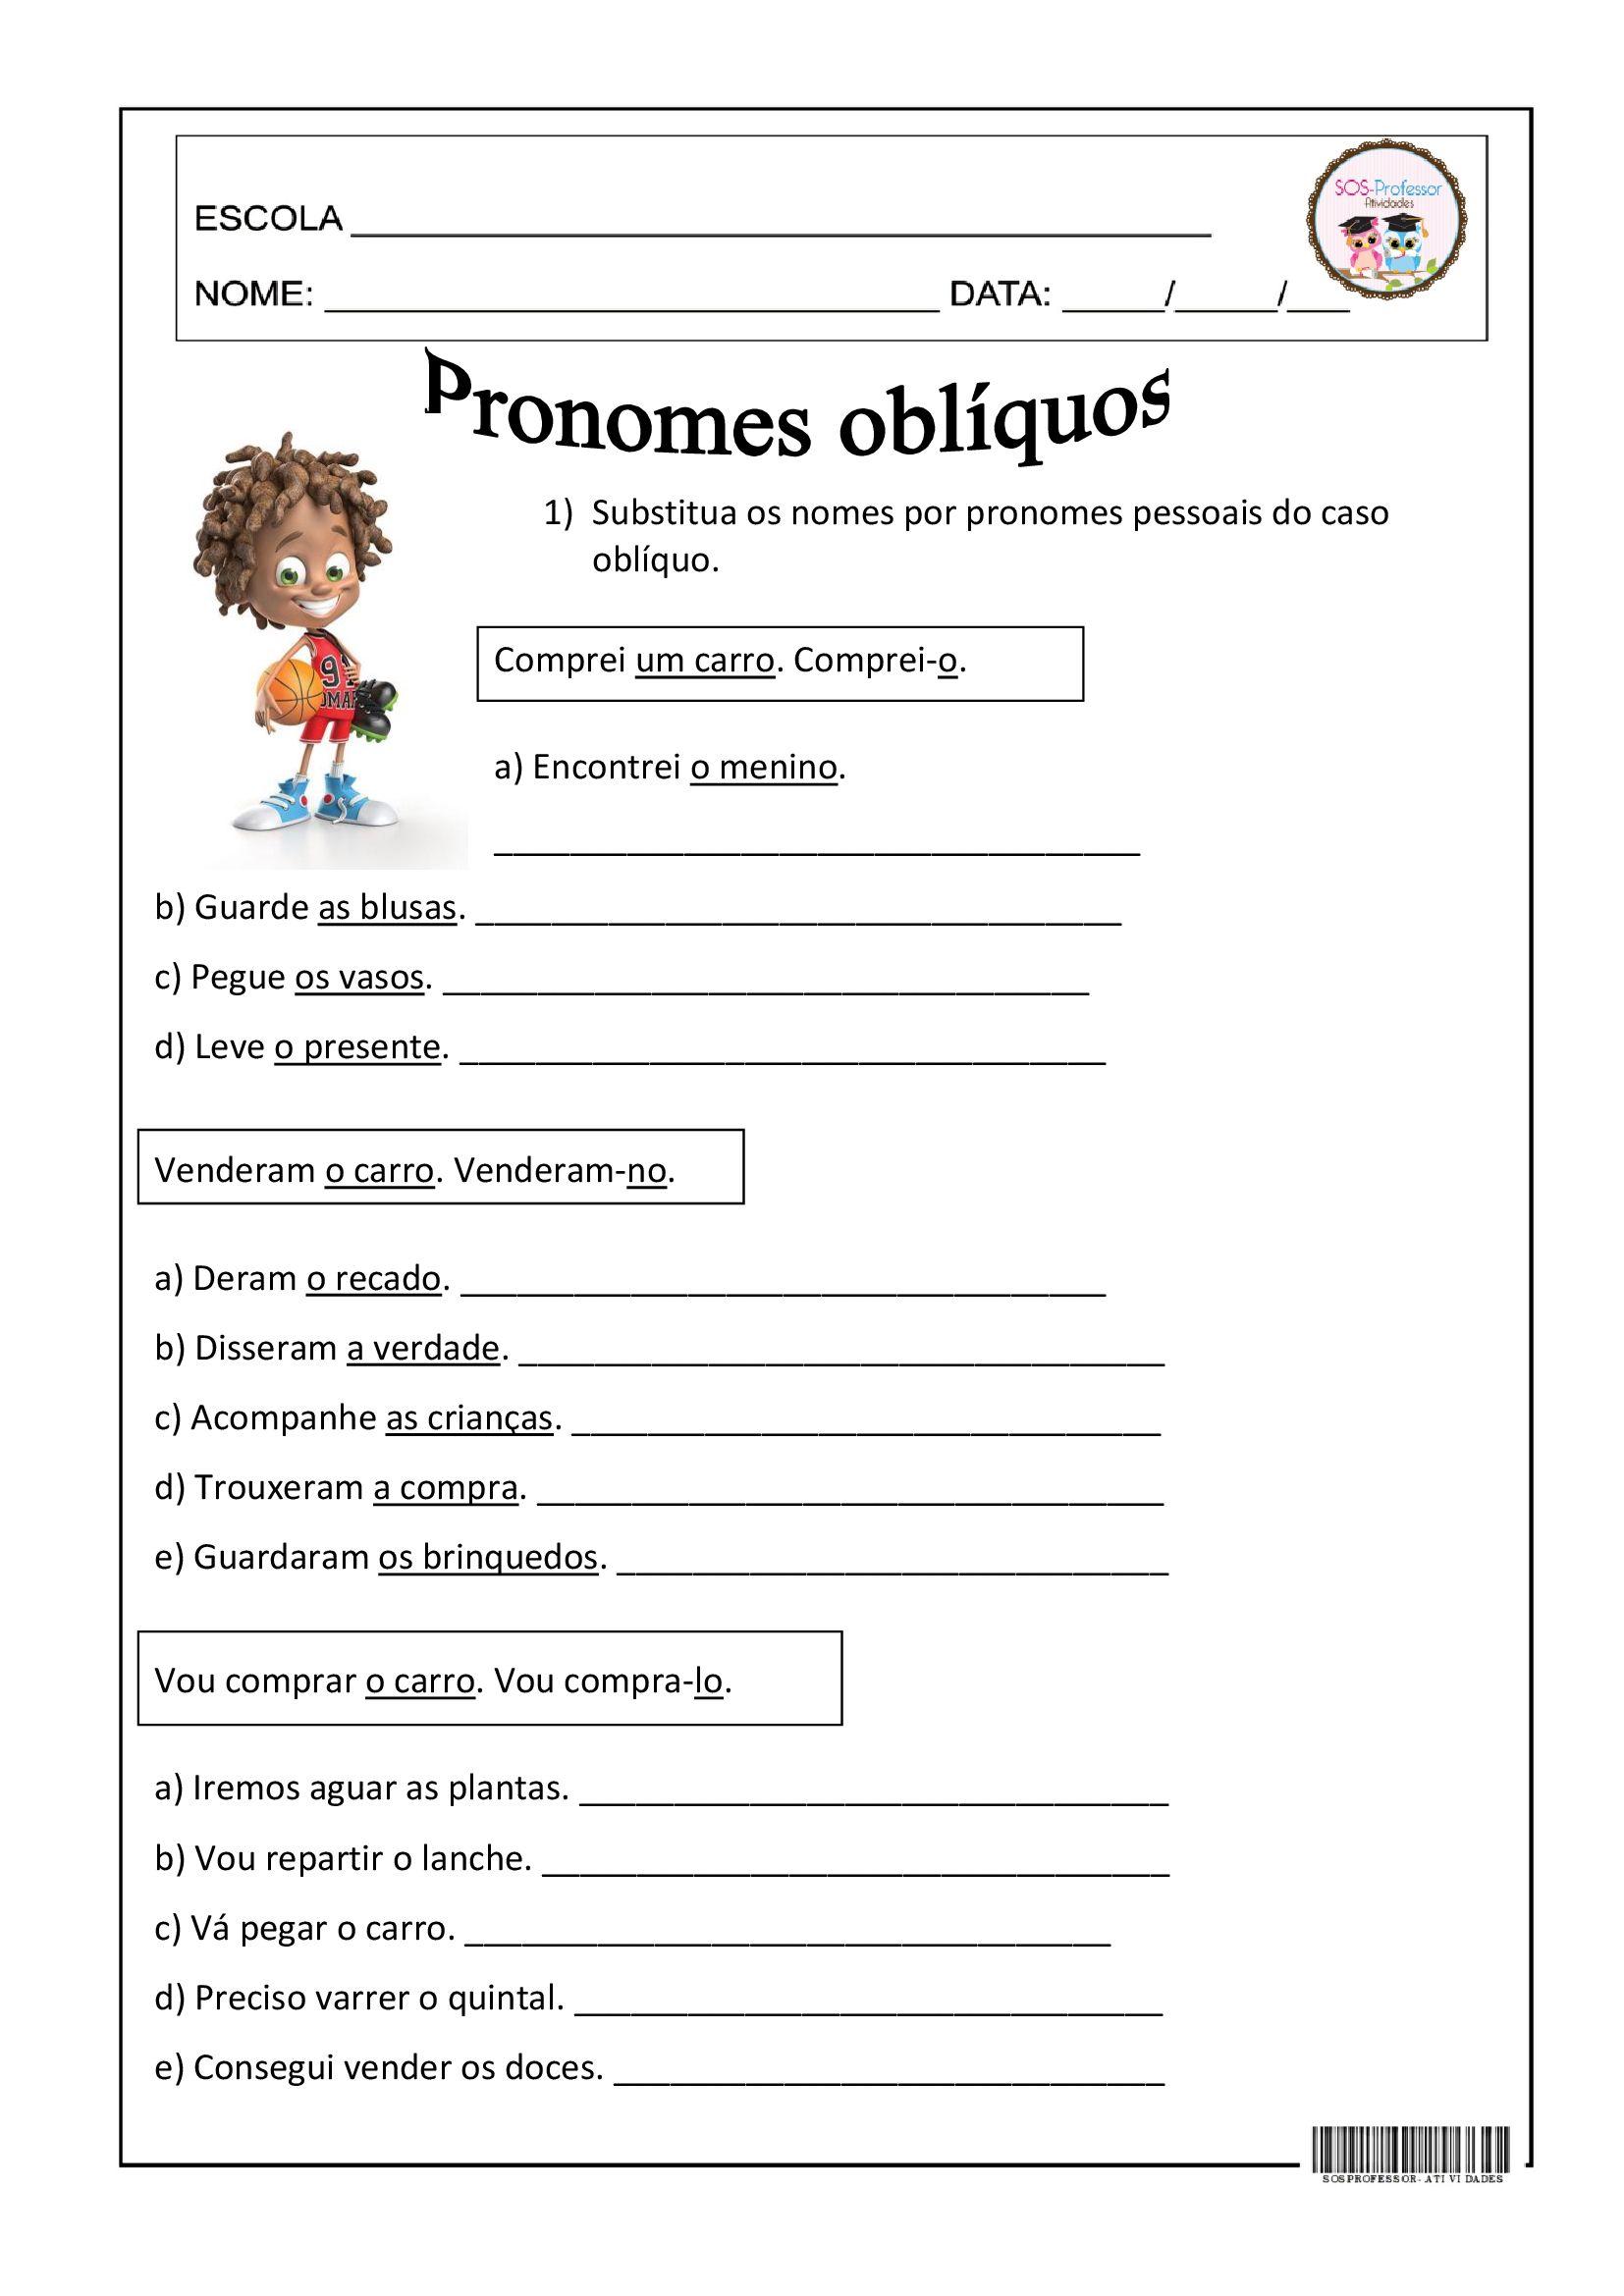 Pronomes Obliquos Pronomes Atividades Pronomes Atividades